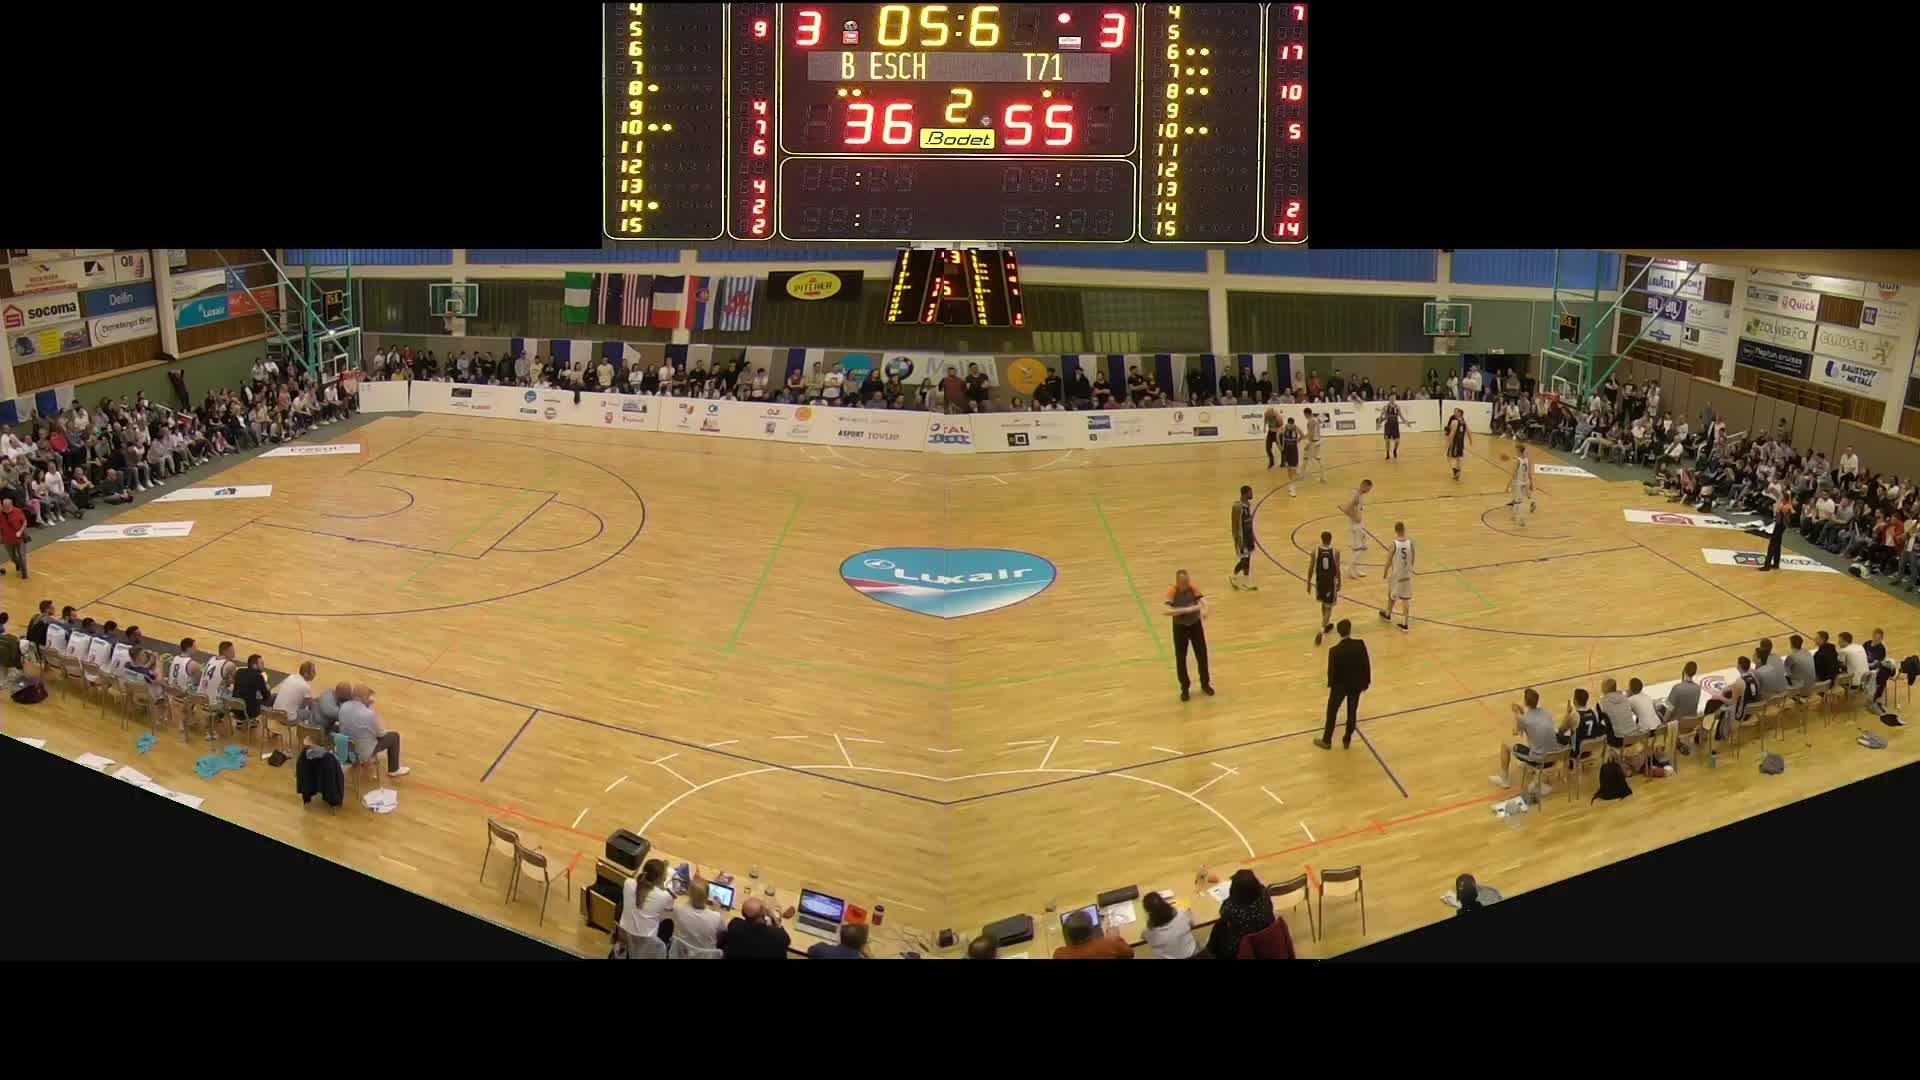 Basket Esch Seniors A - T71 - 17.04.2019